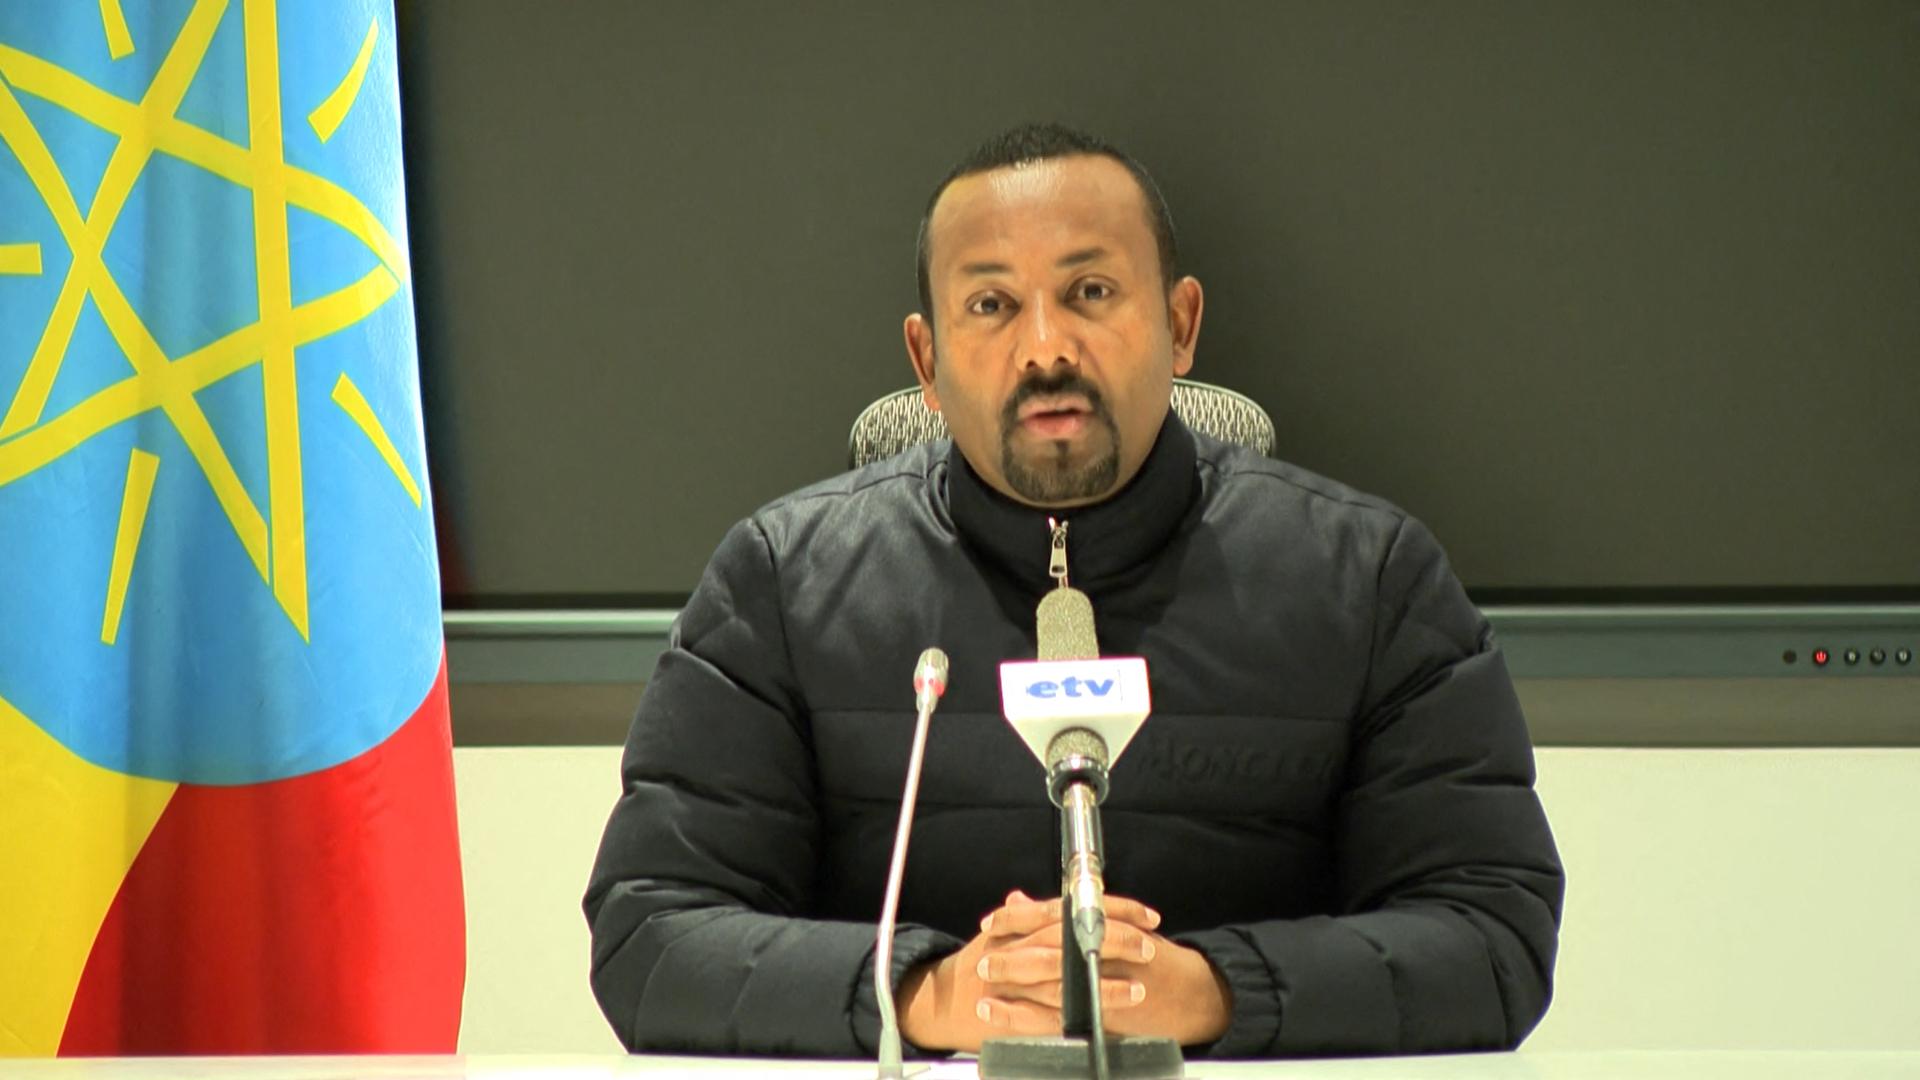 الحكومة الإثيوبية تعلن قبولها وقف إطلاق النار في إقليم تيغراي